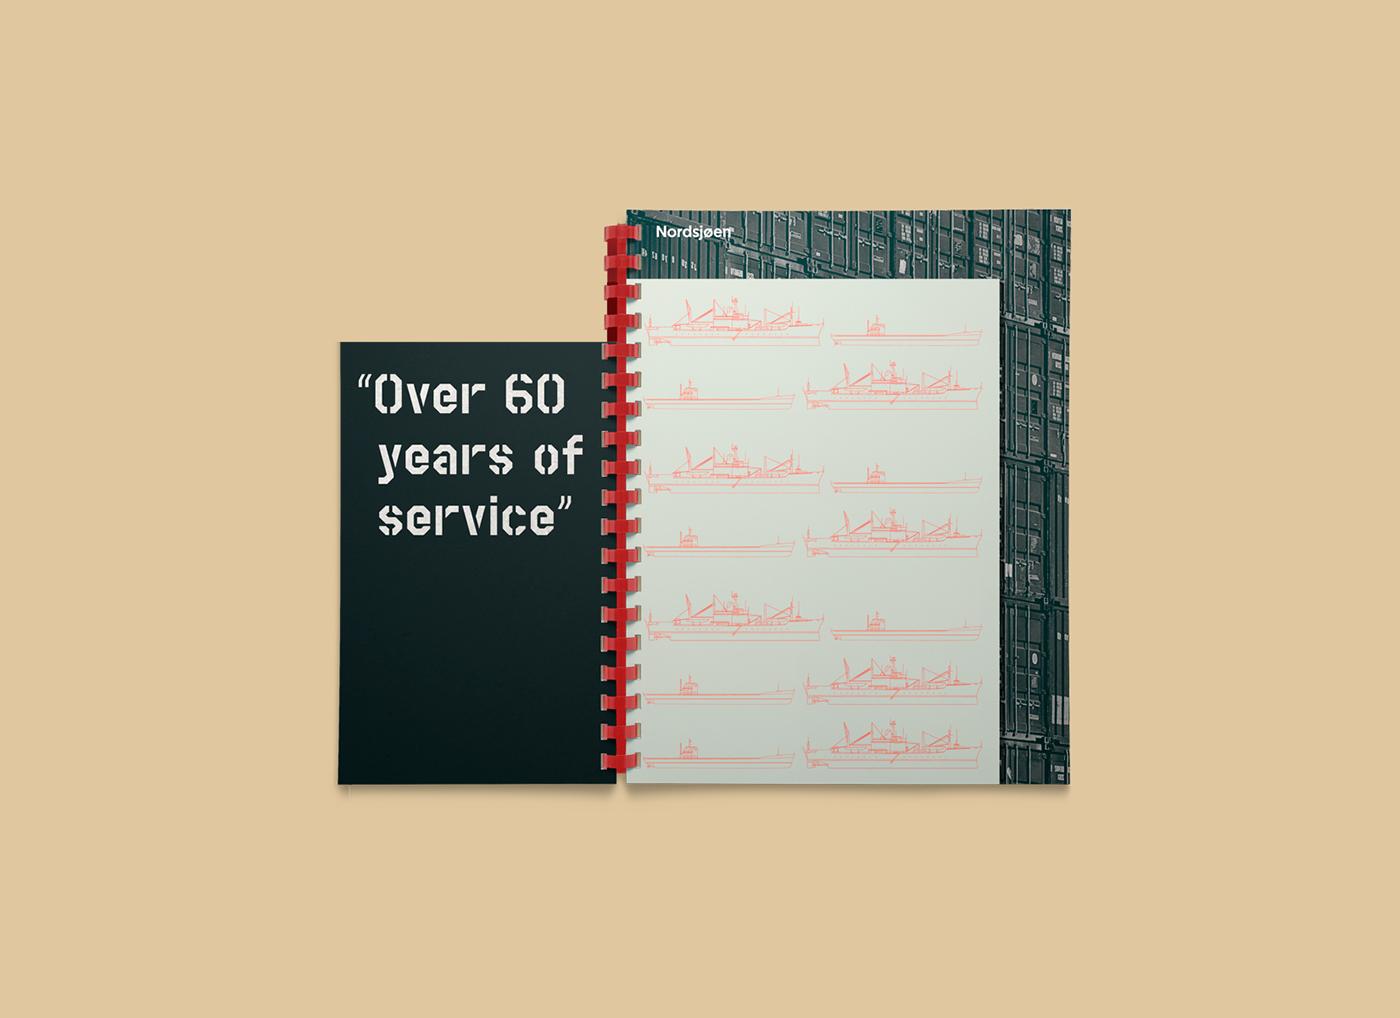 nordsjøen-annual-report--intent-award-for-print-design--honourable-mention--jesse-ellingson-02.jpg